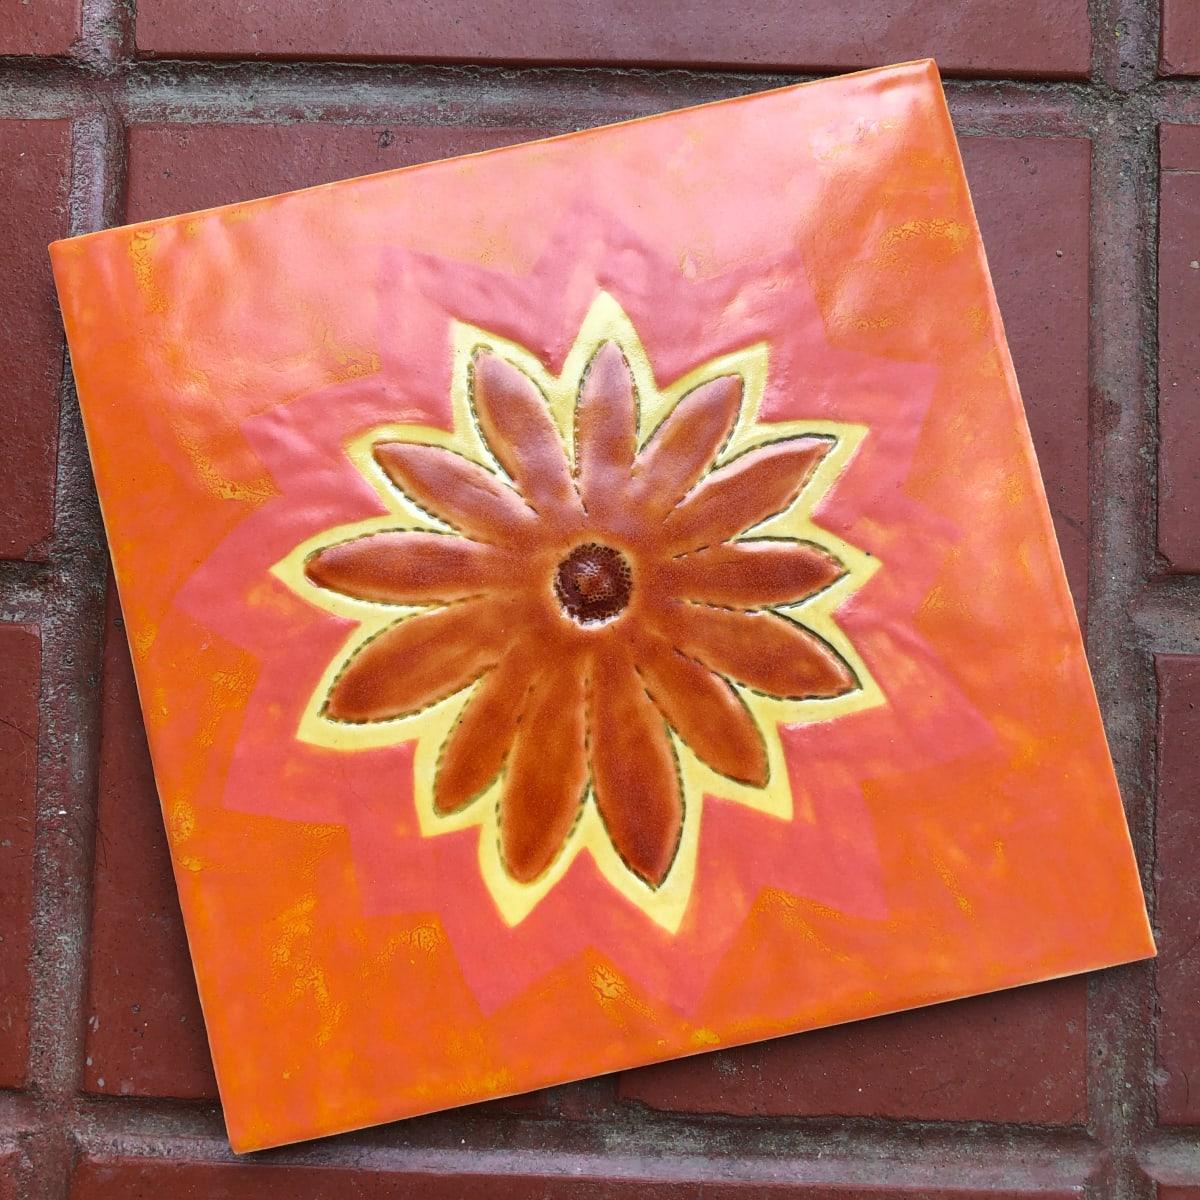 Deep Orange Happy Flower Daisy Tile by Nell Eakin